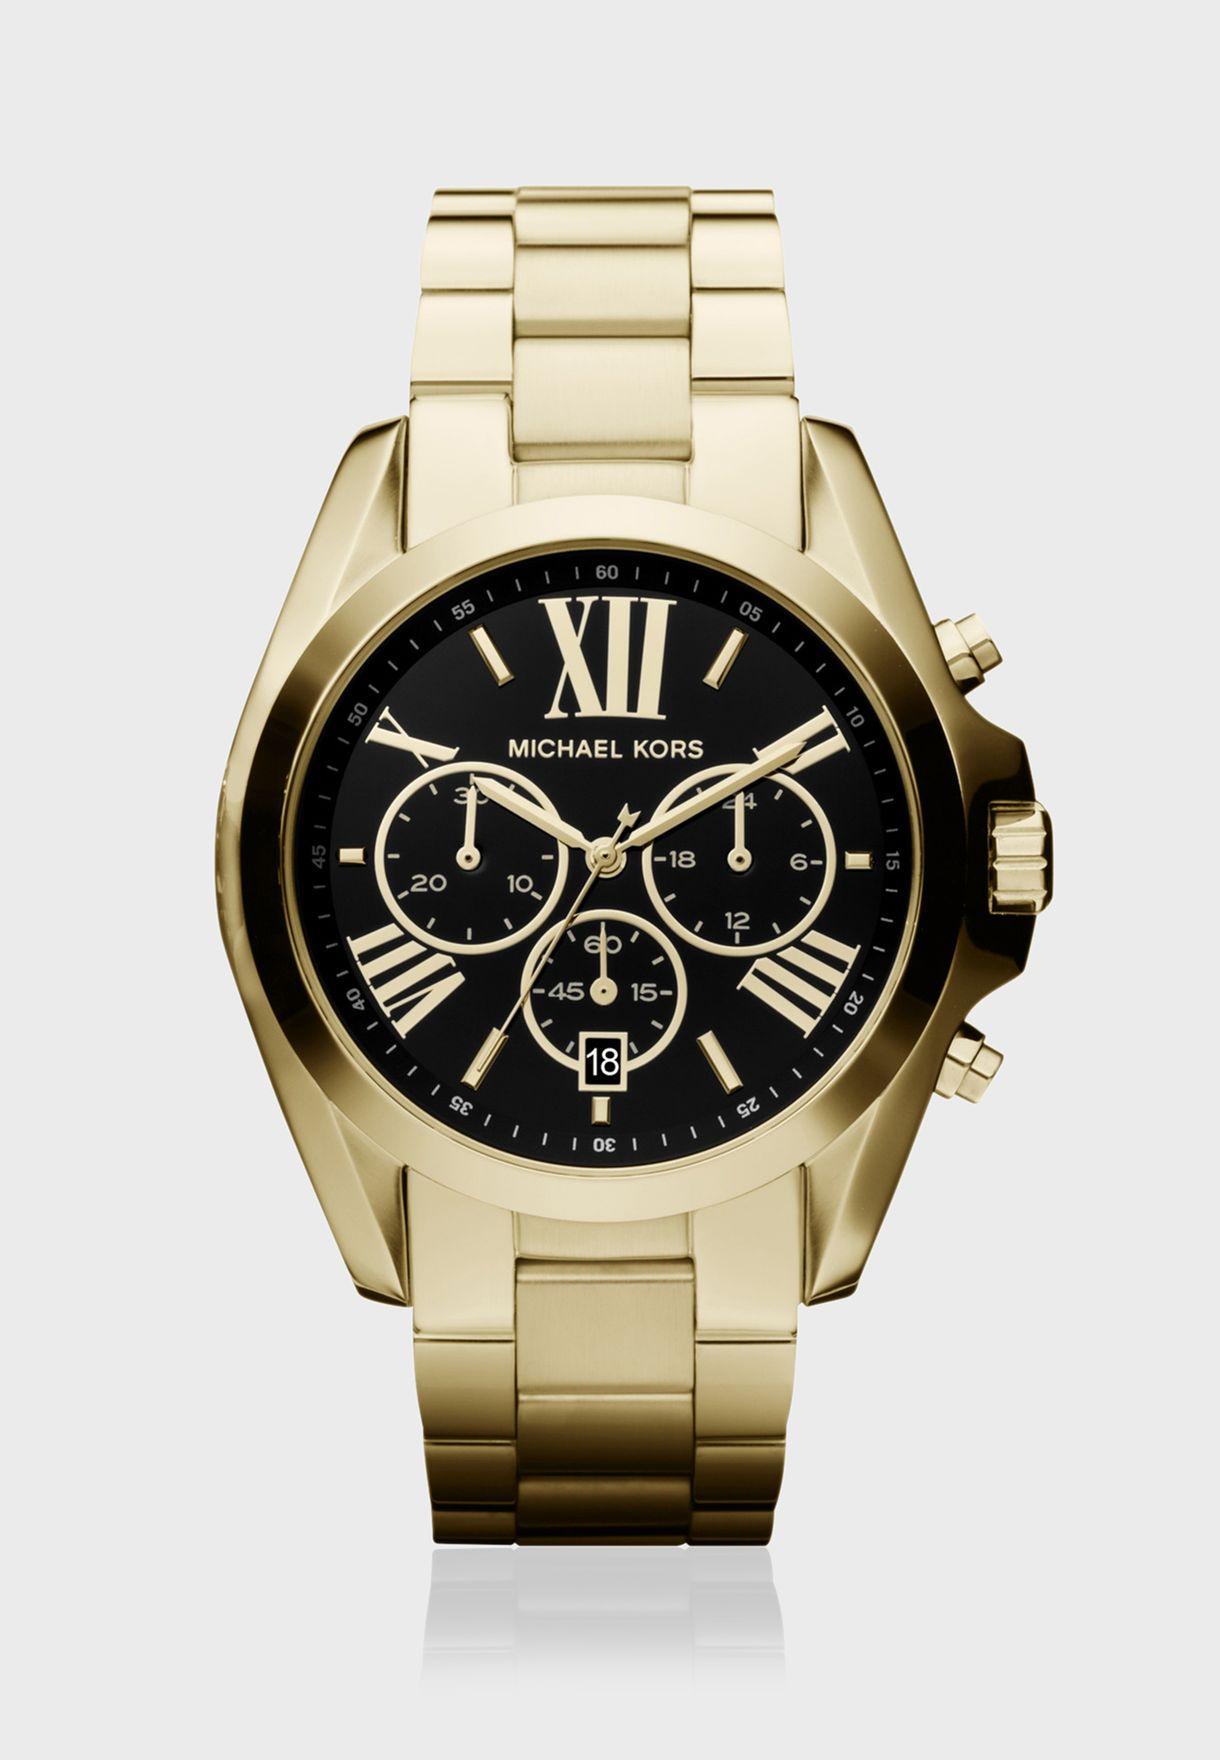 4fc26efbf تسوق ساعة كلاسيكية ماركة مايكل كورس لون ذهبي MK5739 في السعودية ...